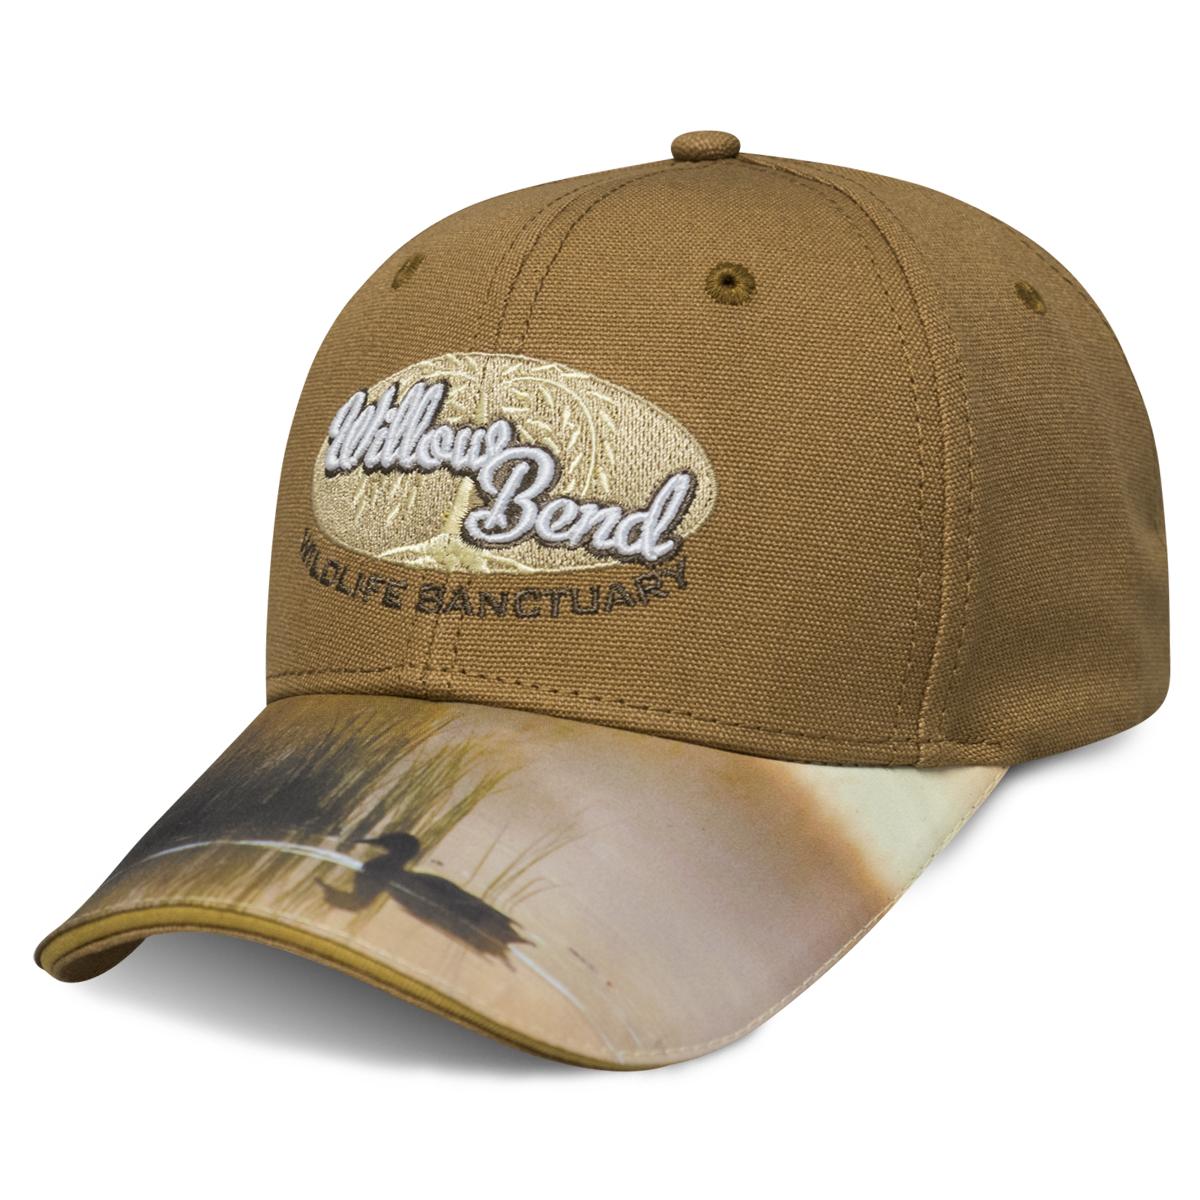 Max hat